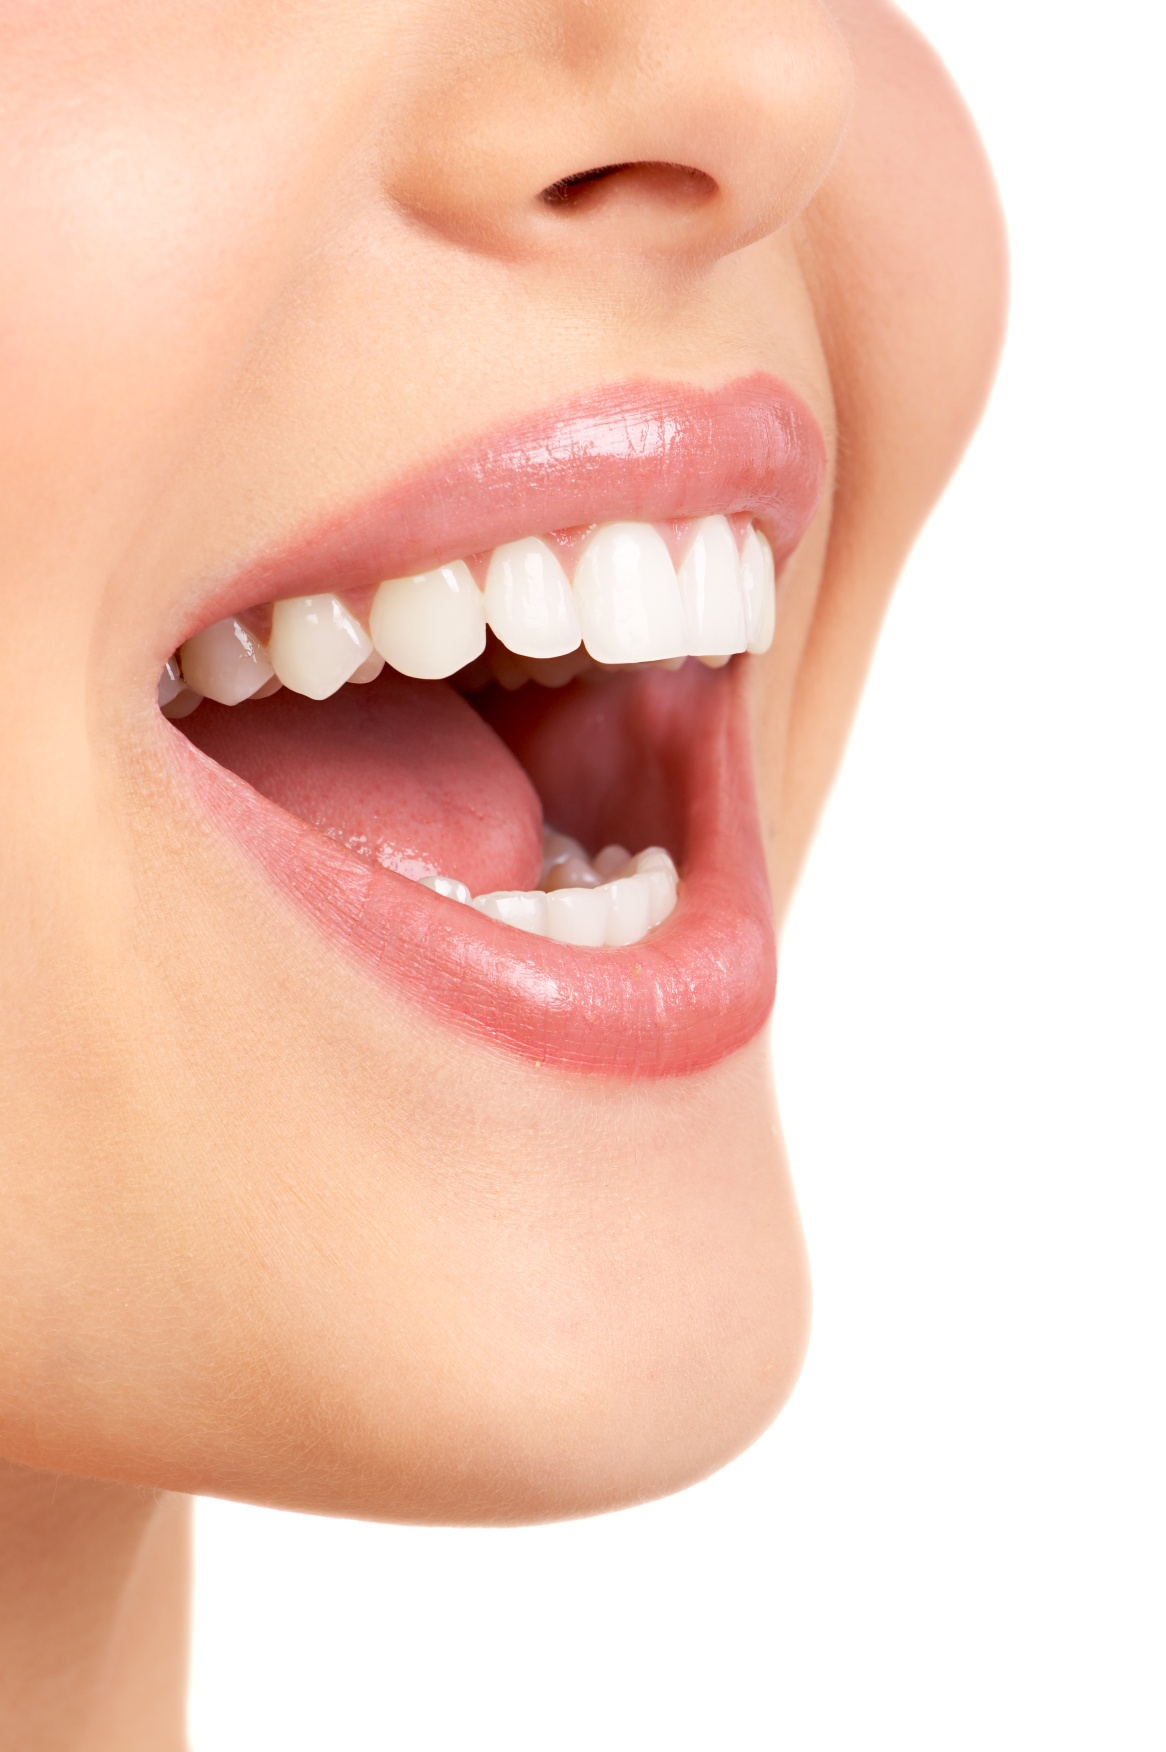 Teeth Smile PNG HD - 148063